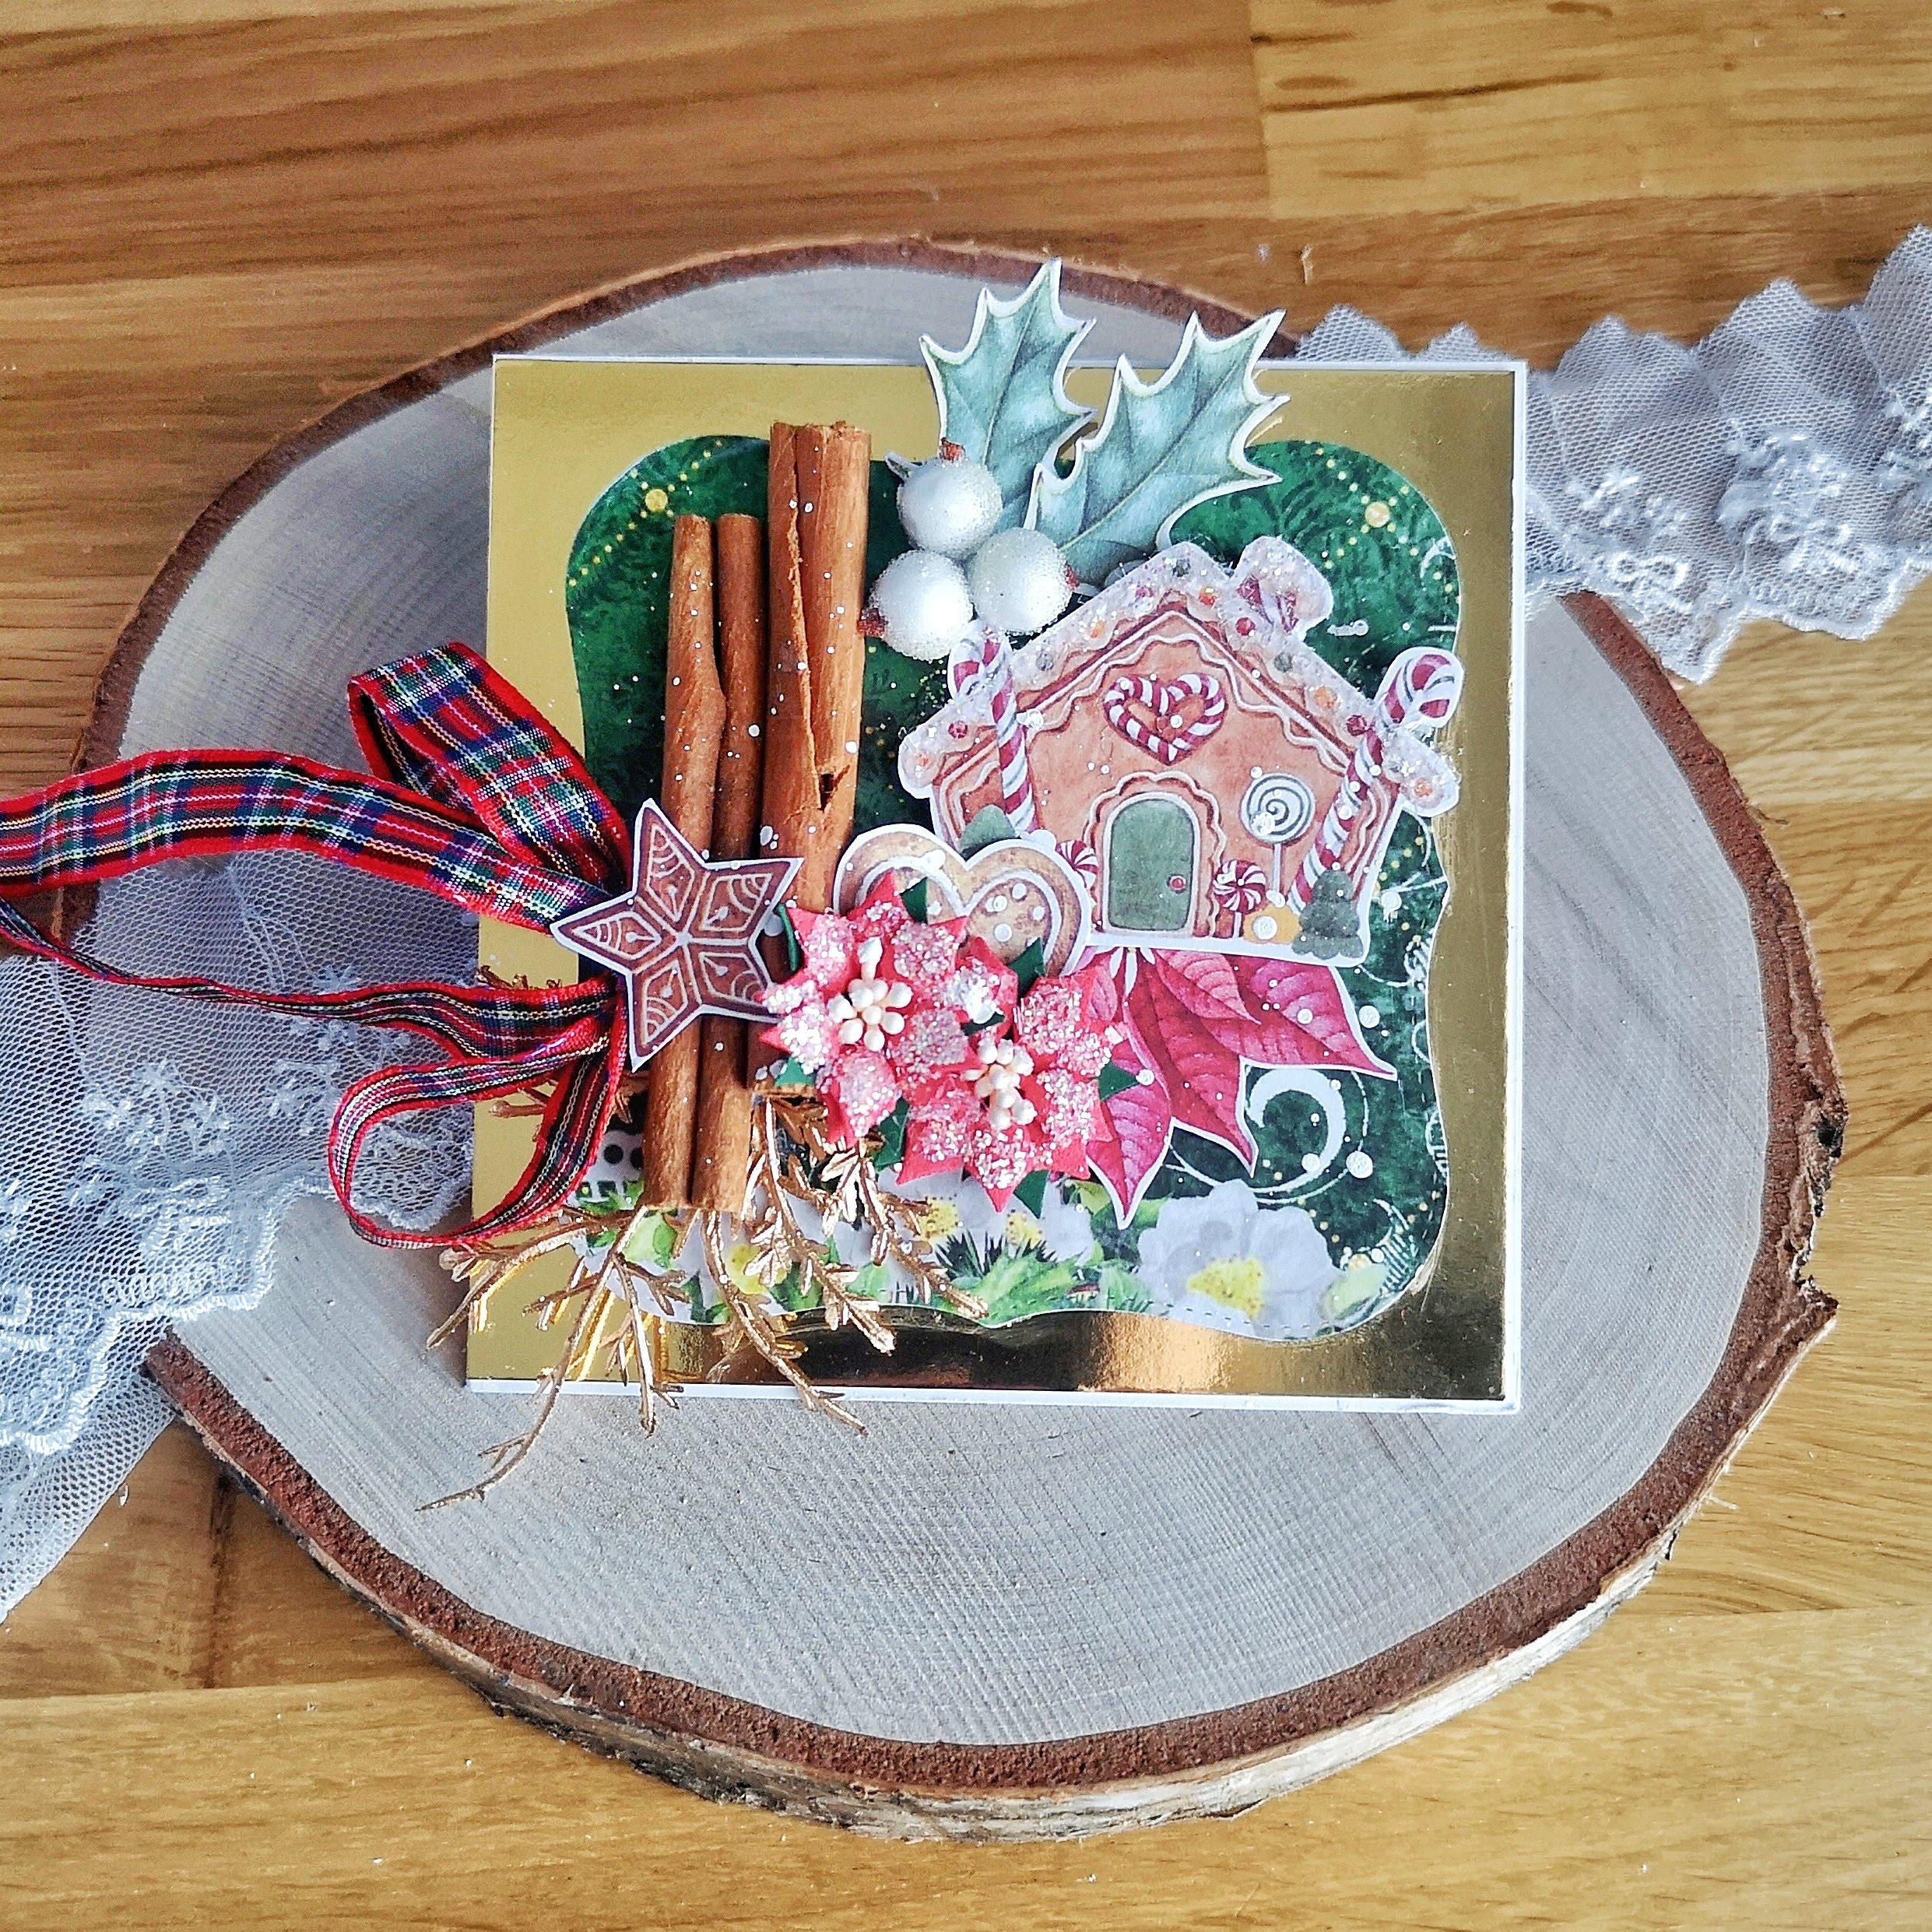 Złota kartka świąteczna pachnąca cynamonem. Kartki świąteczne to wspaniały pomysł na złożenie życzeń.